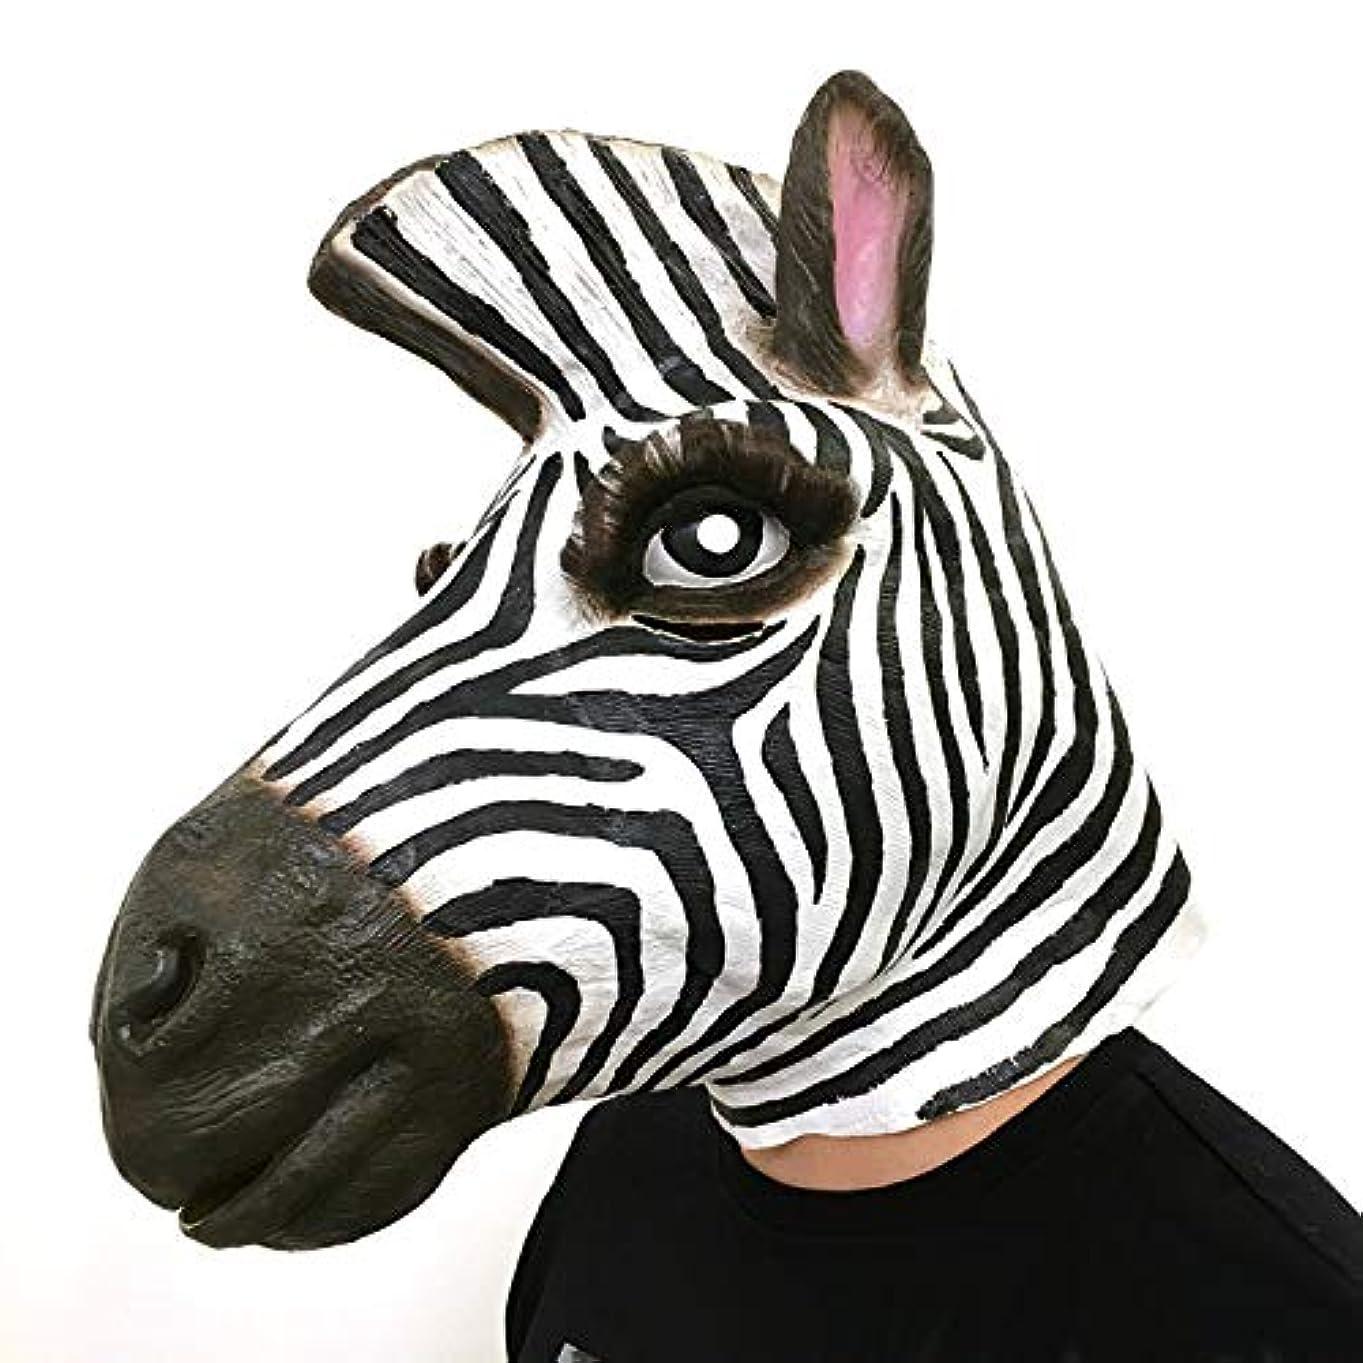 優越思慮のない敬意馬のマスク、祭りやダンスパーティーのための馬の頭おかしい動物マスクコレクションハロウィンコスチューム